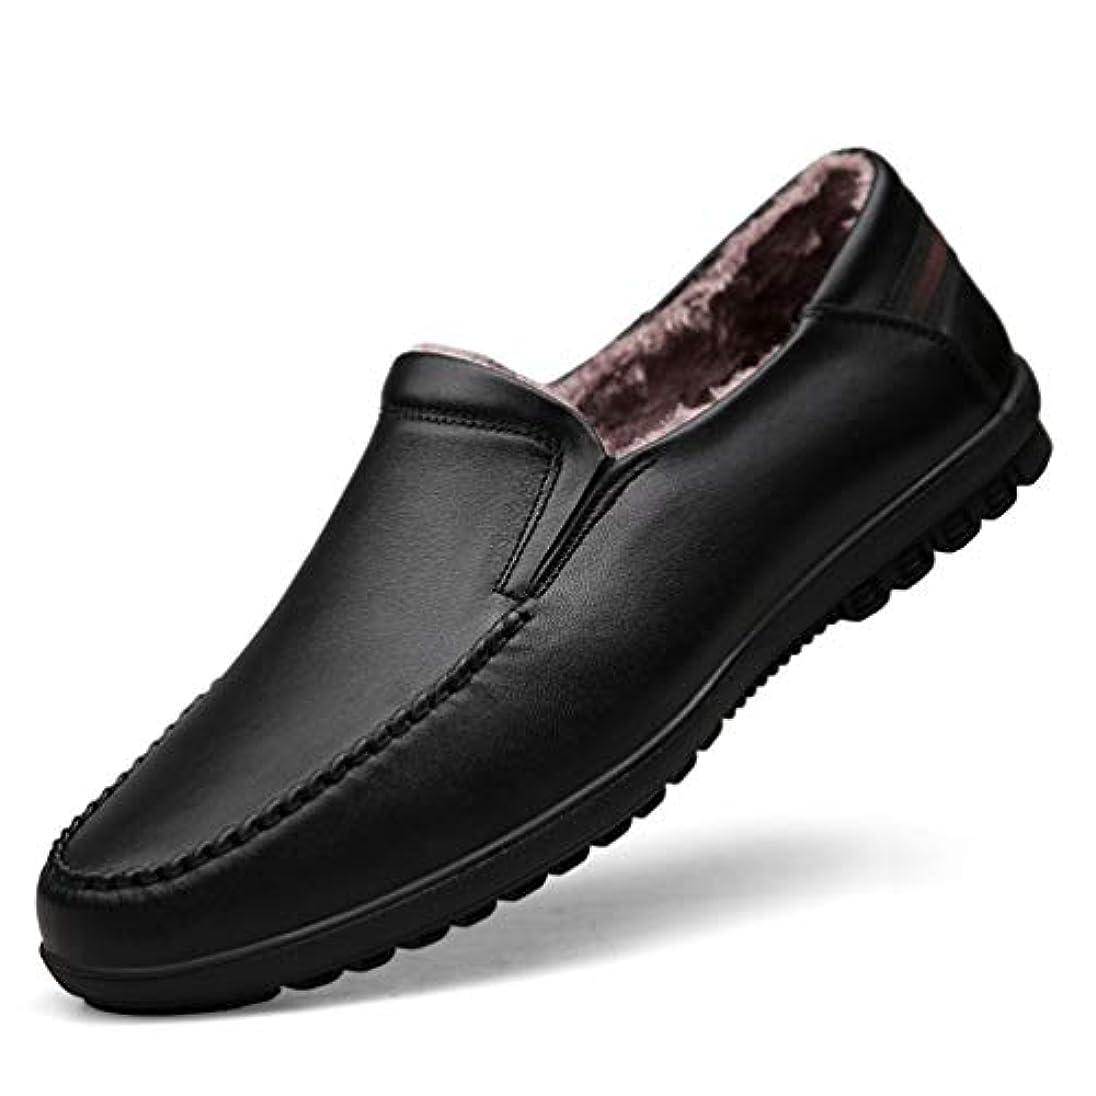 引き潮ご予約感情の紳士靴 冬用 裏ボア 防寒 ビジネスシューズ メンズ 秋冬用 本革 靴 黒 ブラック ブラウン 大きいサイズ 会社 通勤 ウールインソール ふわふわ 暖かい 雨/雪対応 滑りにくい 防水 保温 レインブーツ ファー